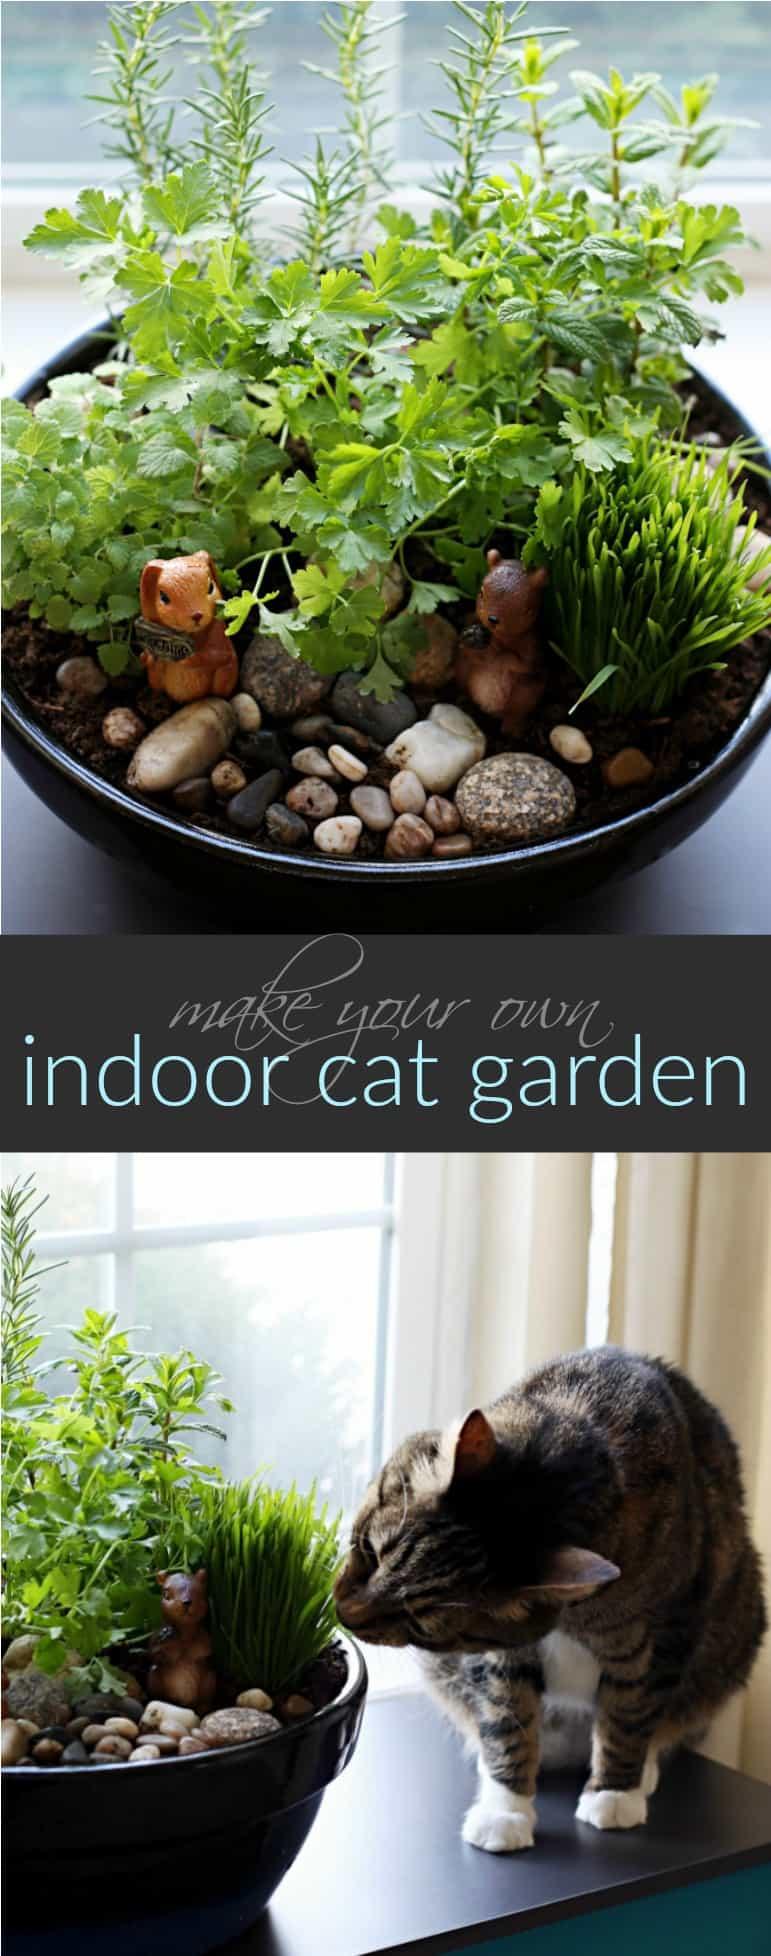 How to Make an Amazing DIY Indoor Cat Garden The AntiJune Cleaver